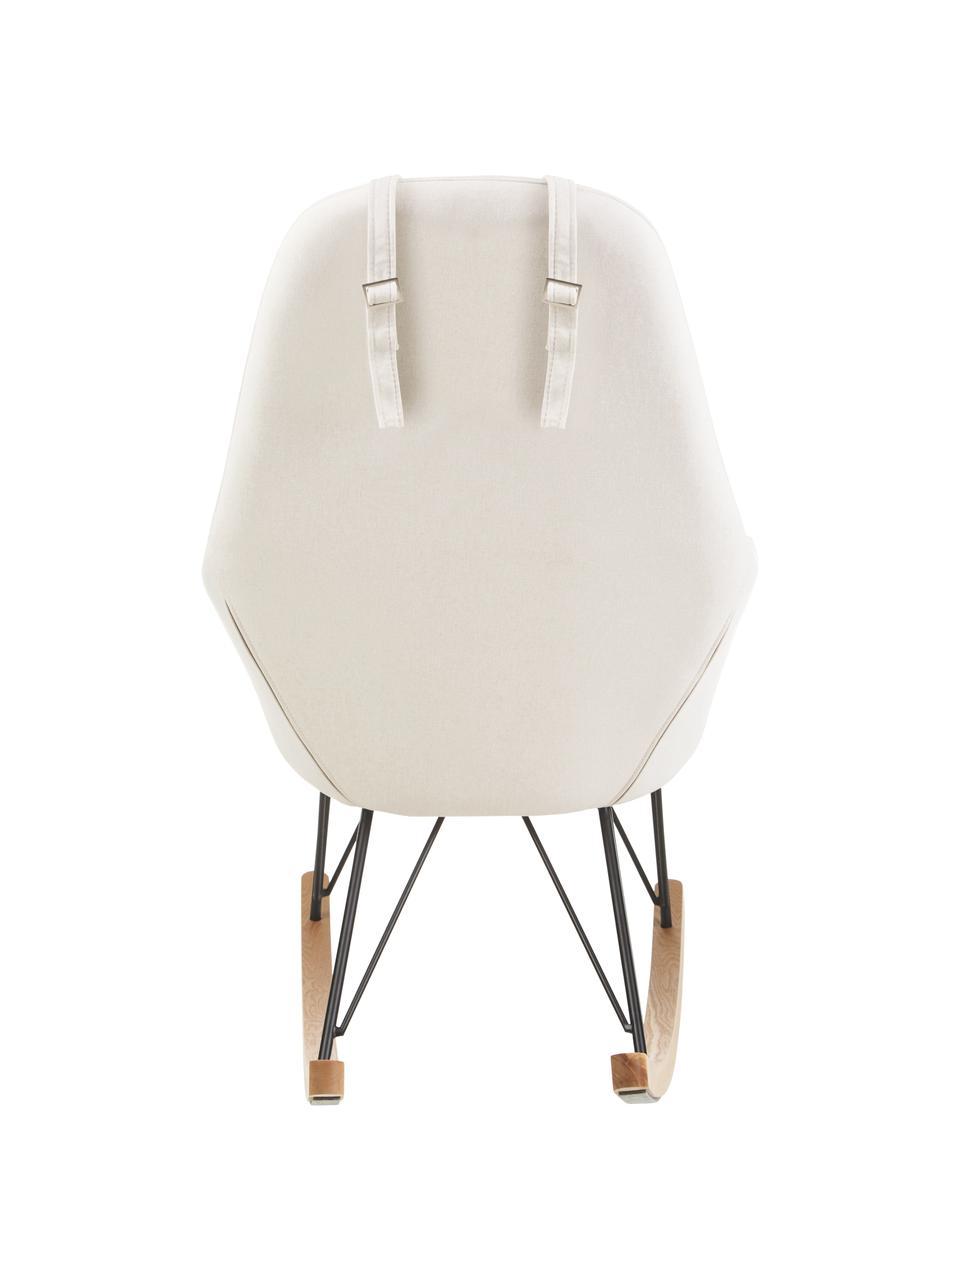 Mecedora Jolene, Tapizado: 100%poliéster Alta resis, Estructura: metal con pintura en polv, Patas: madera de fresno maciza, Blanco crema, An 66 x F 102 cm